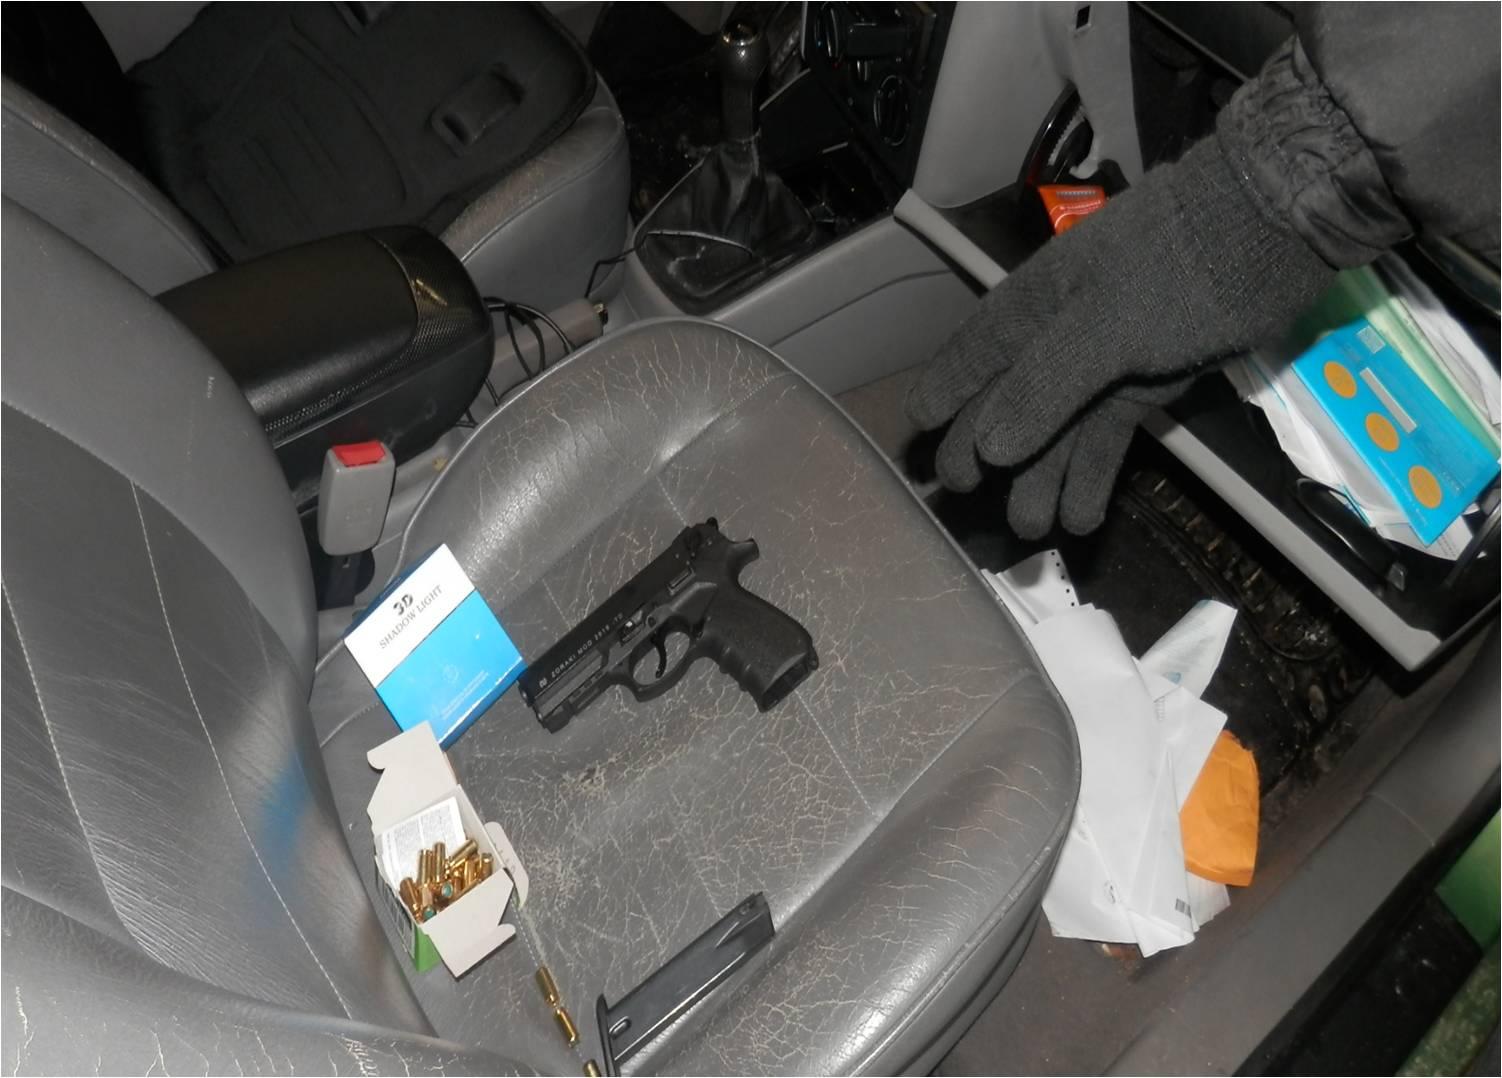 На кордоні з Румунією прикордонники виявили в автомобілі пістолет та набої до нього